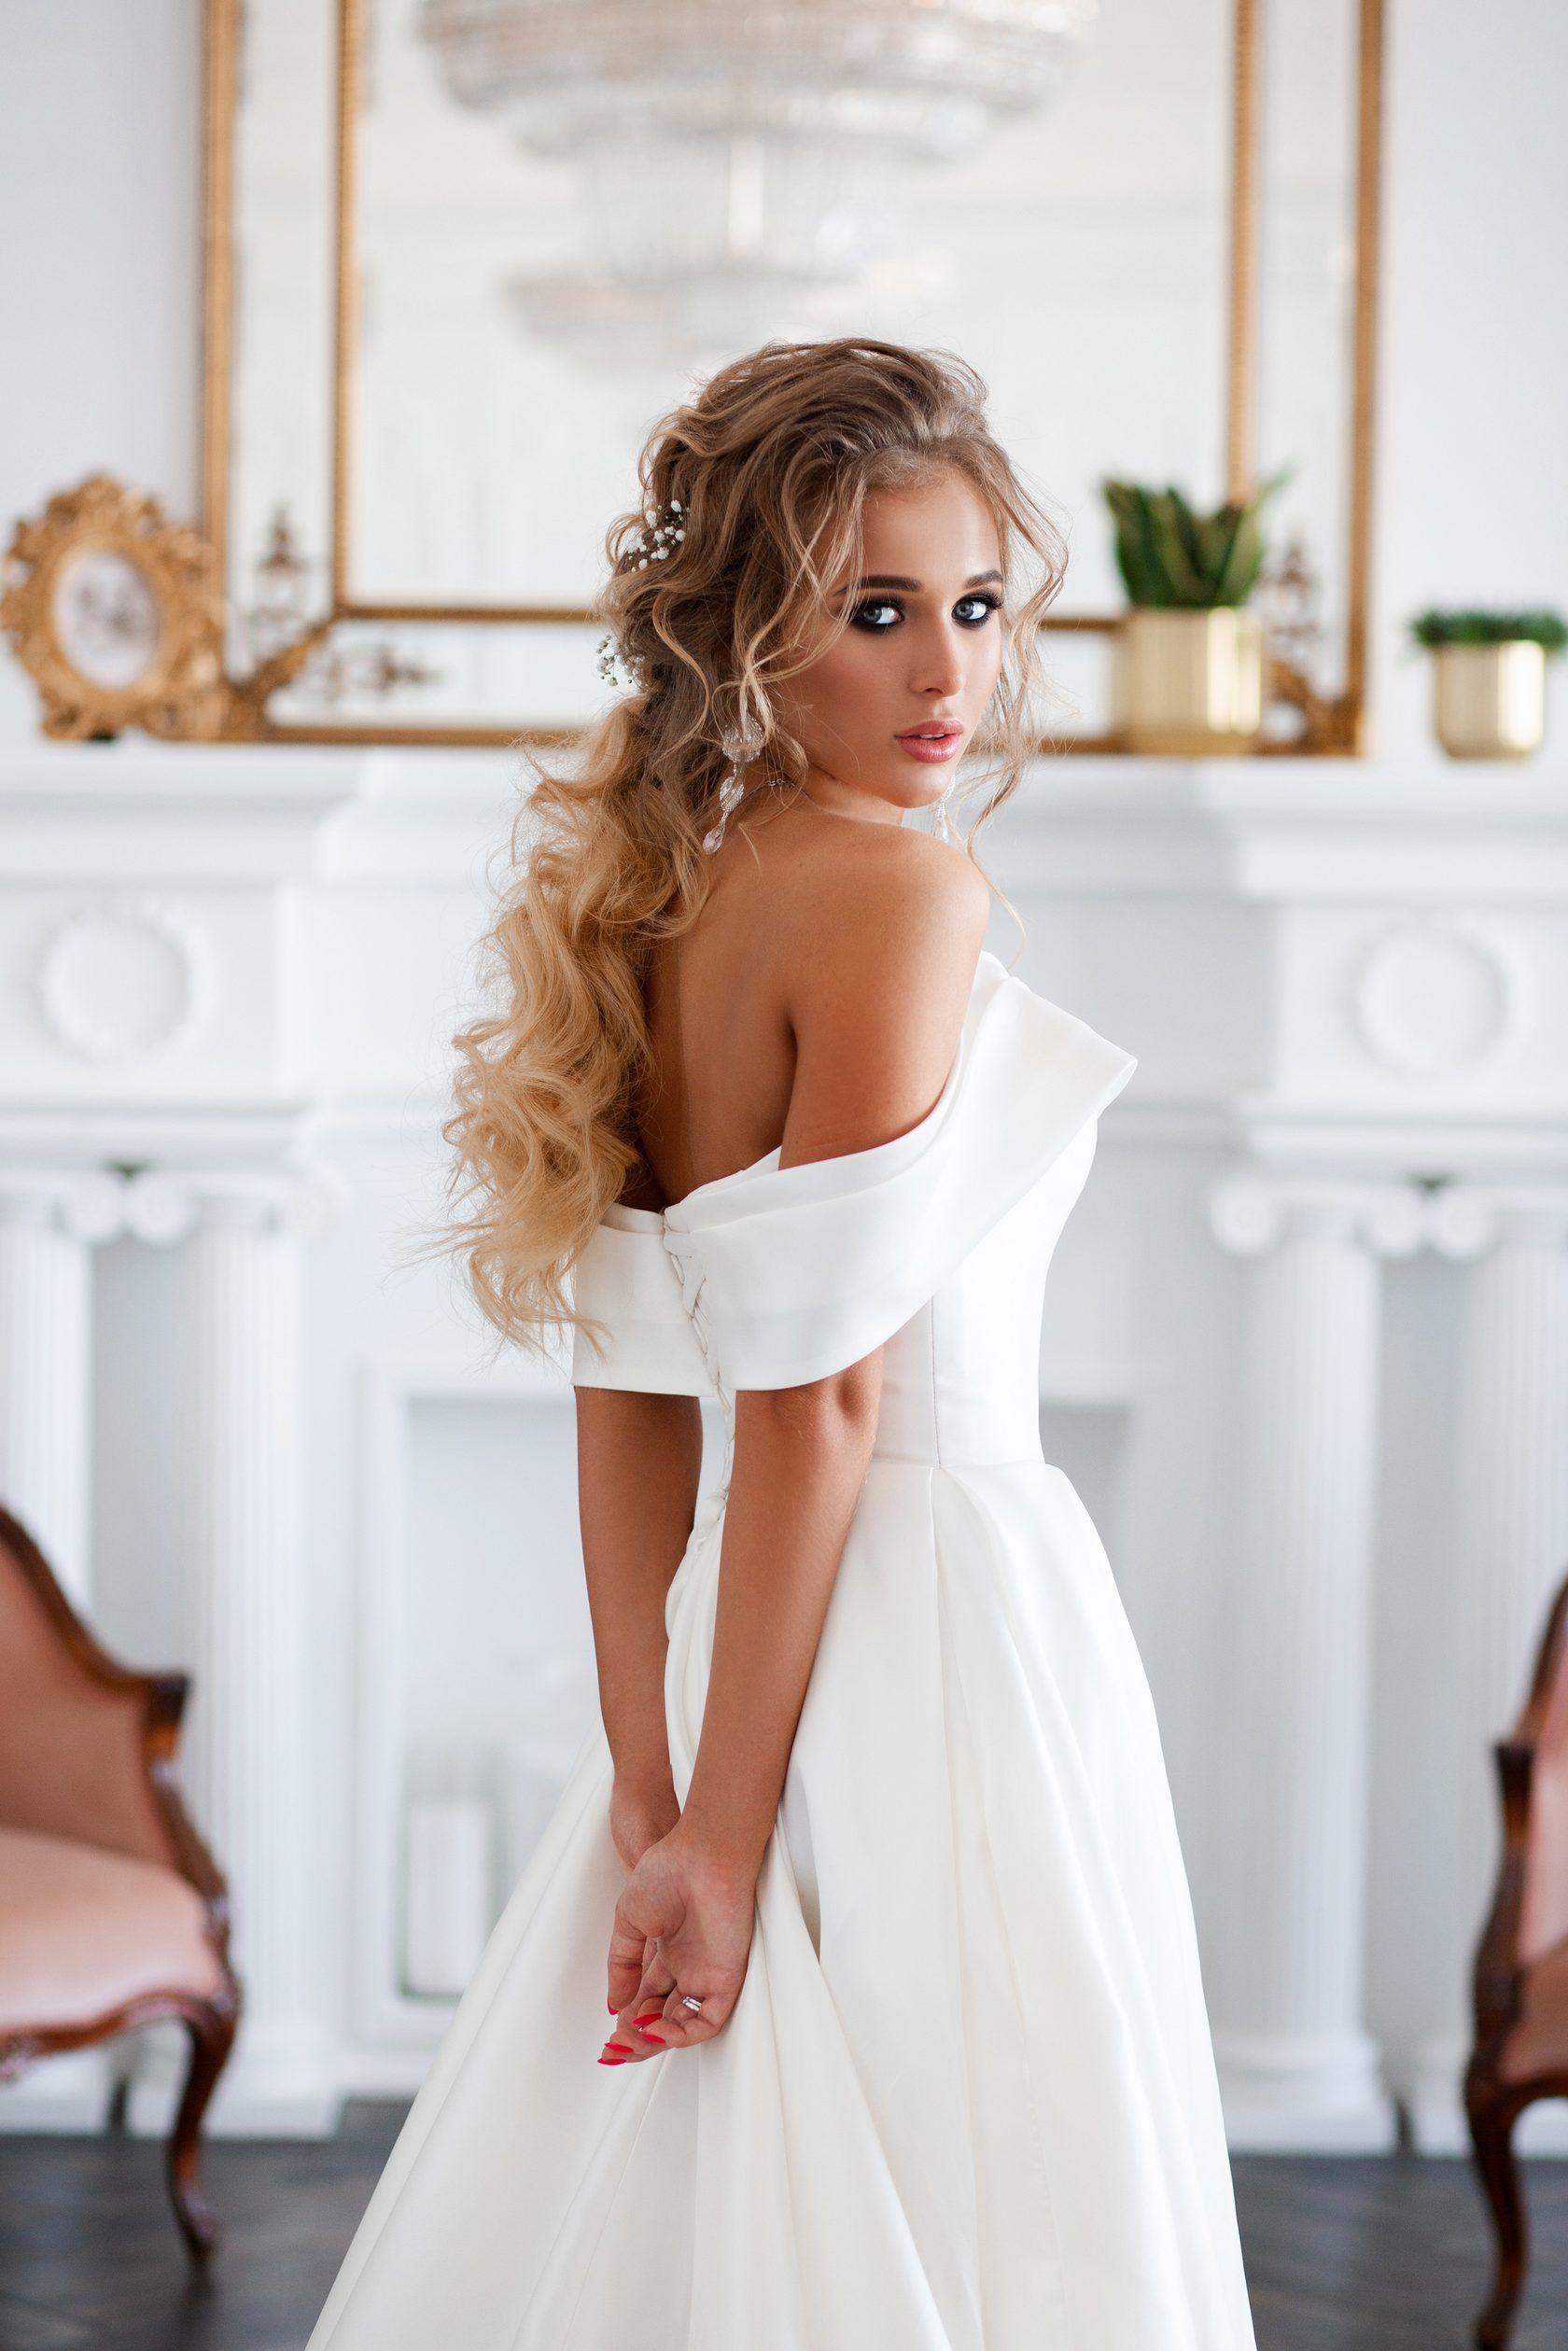 f80b7603faa880c Образ лучше доверять одному стилисту целиком и выполнять репетицию и  прически, и макияжа. ⠀ Представьте, Вы одели праздничное платье и забыли  причесаться.